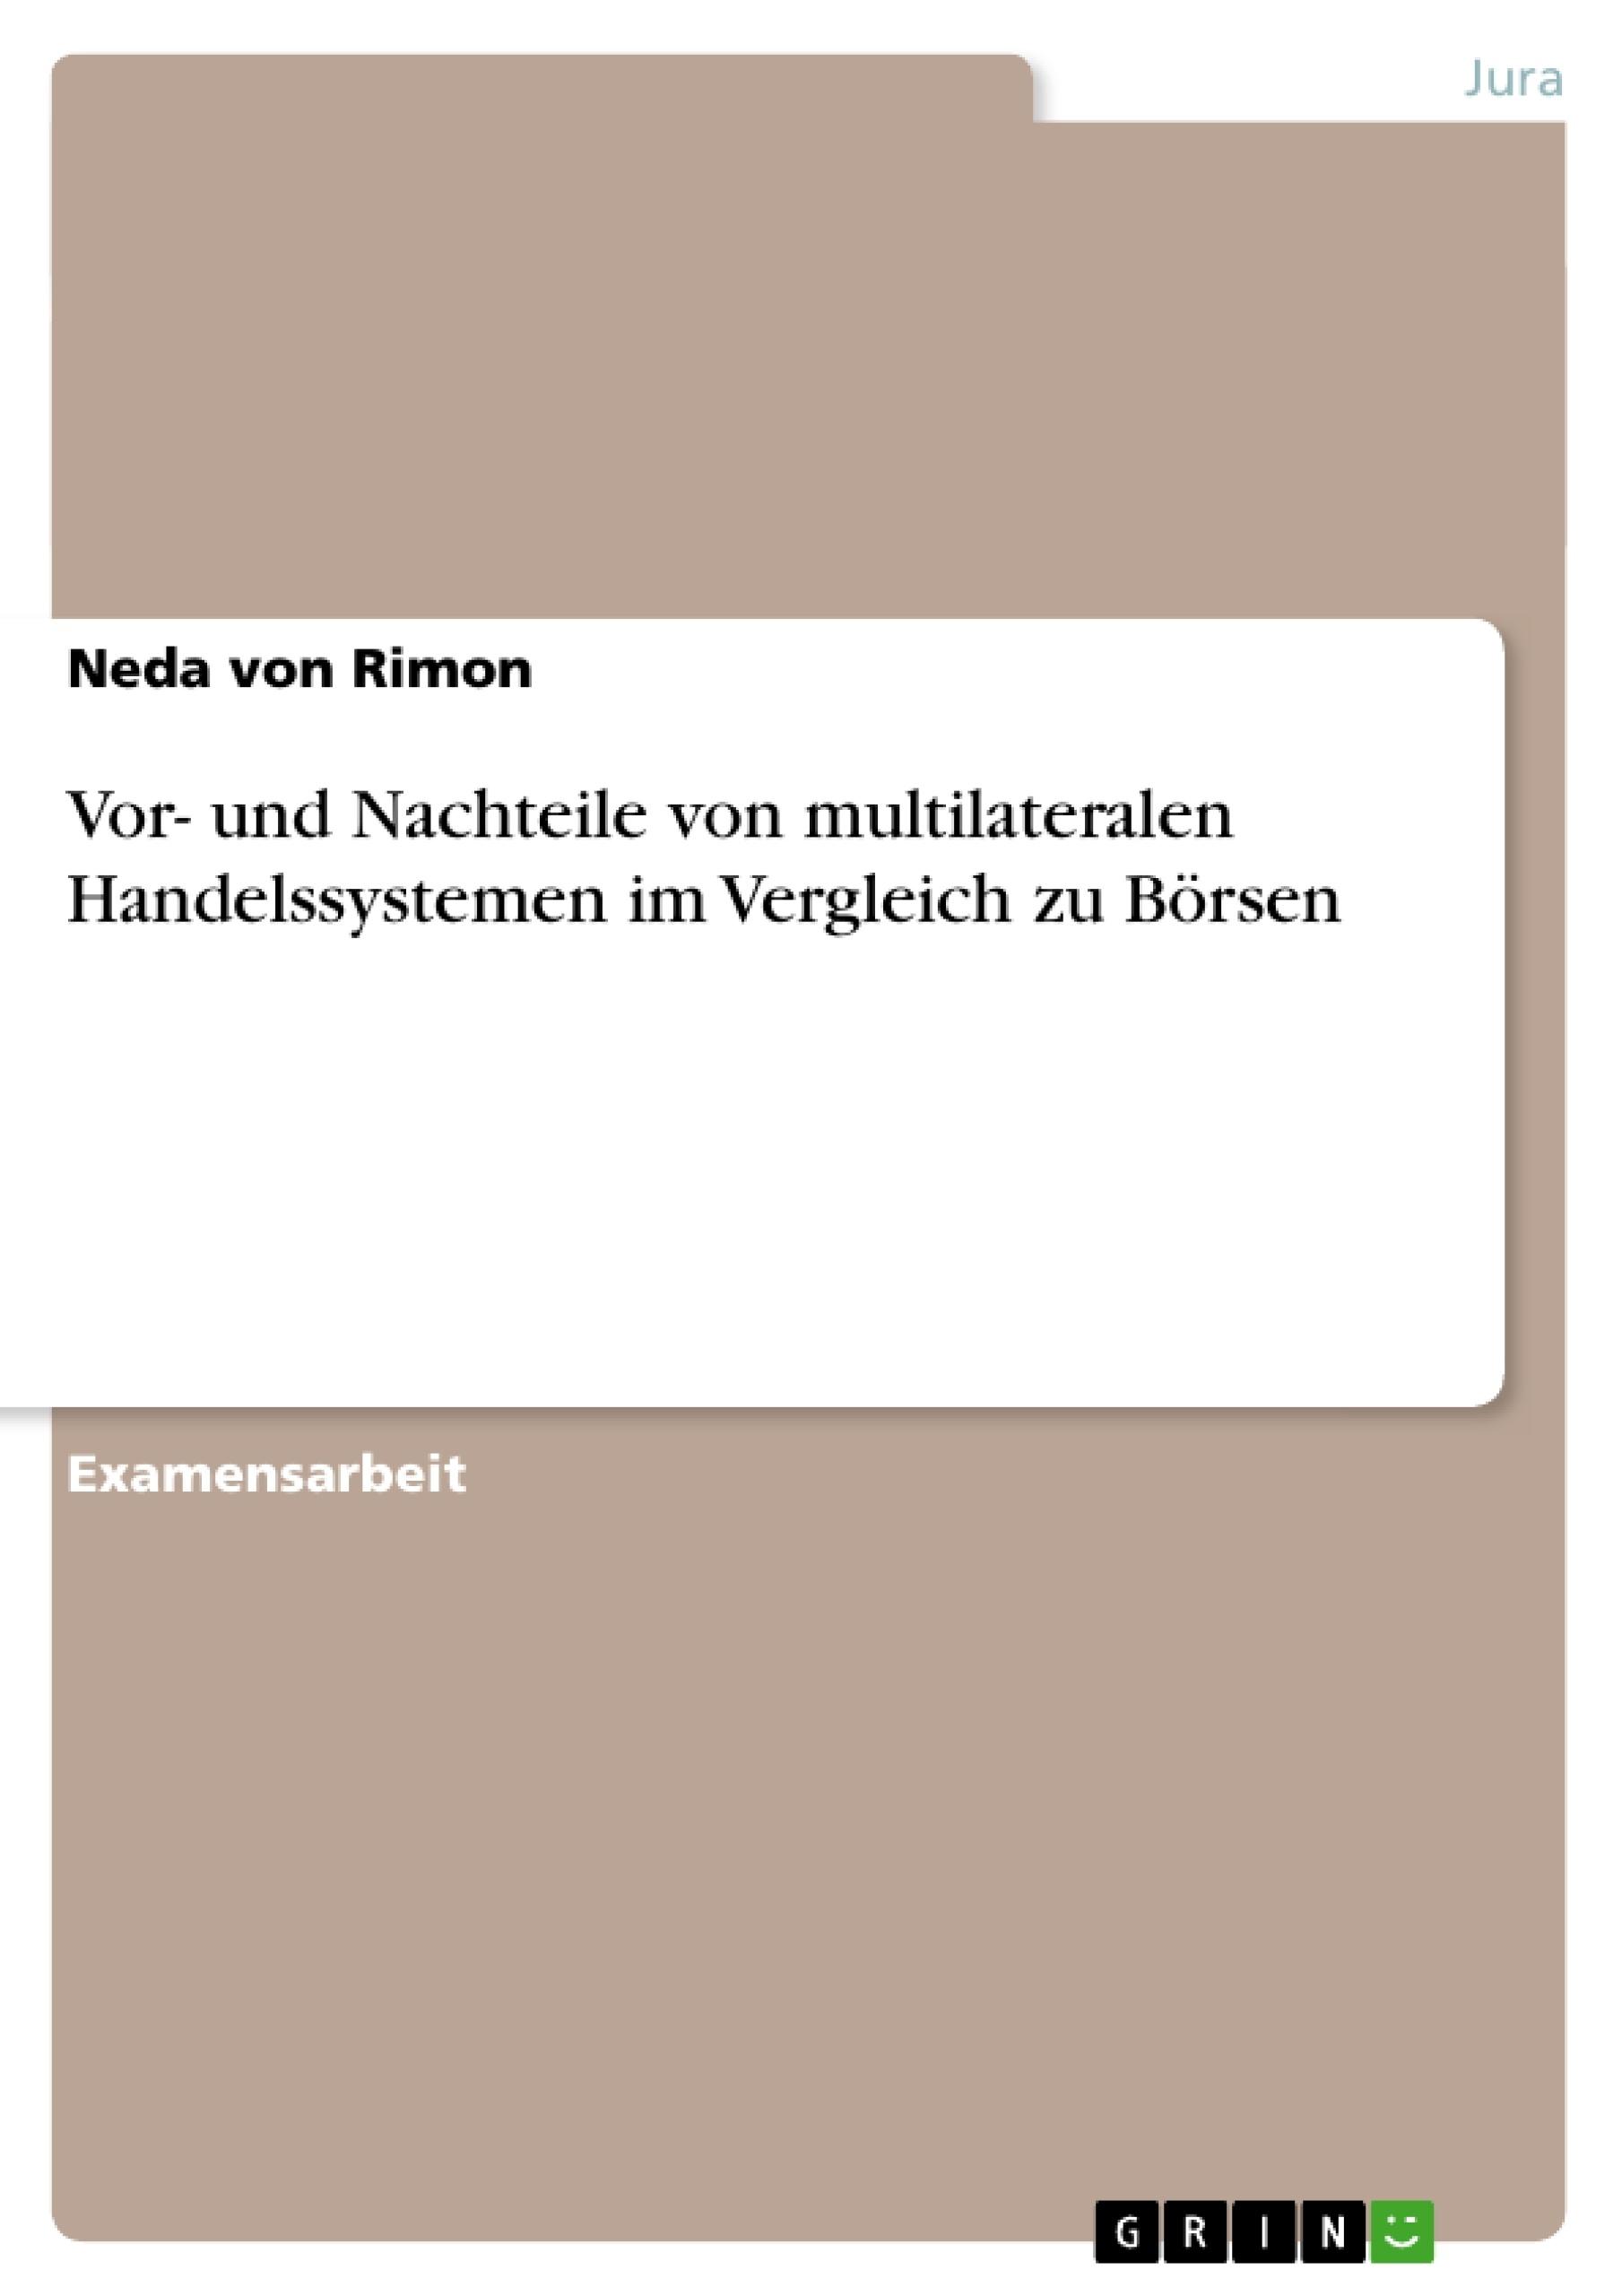 Titel: Vor- und Nachteile von multilateralen Handelssystemen im Vergleich zu Börsen